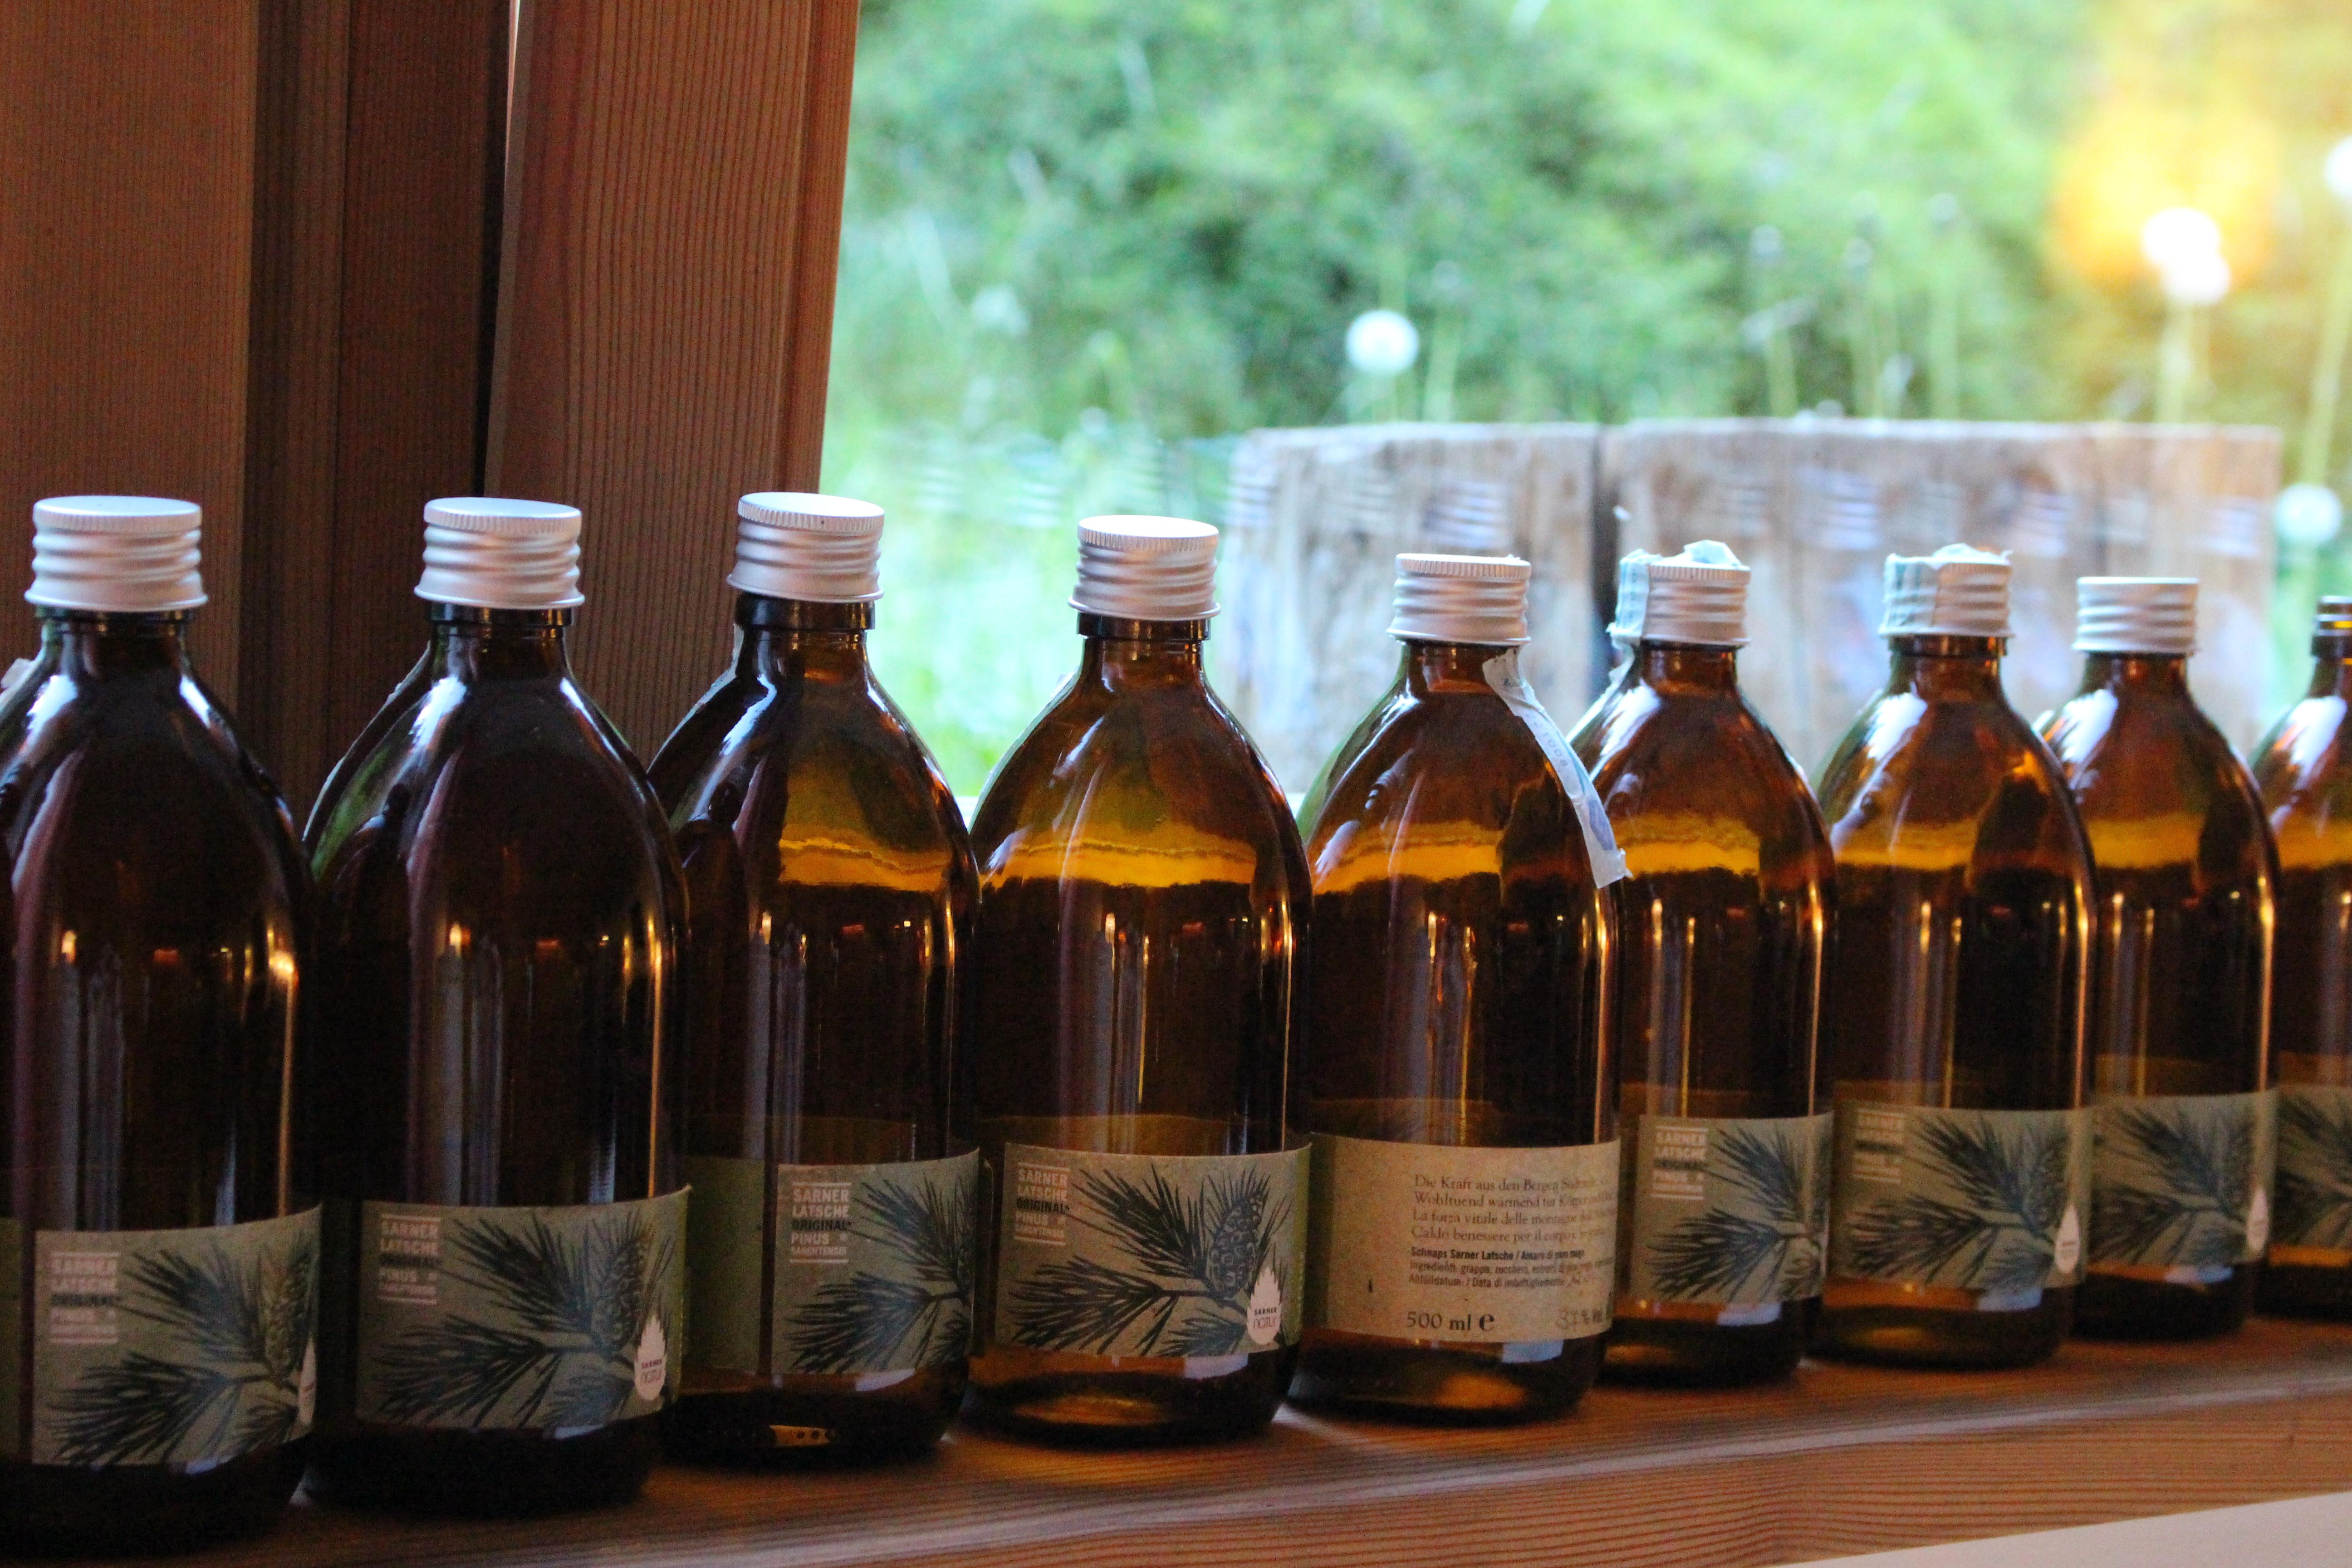 Bottiglie mugo Bad Schorgau